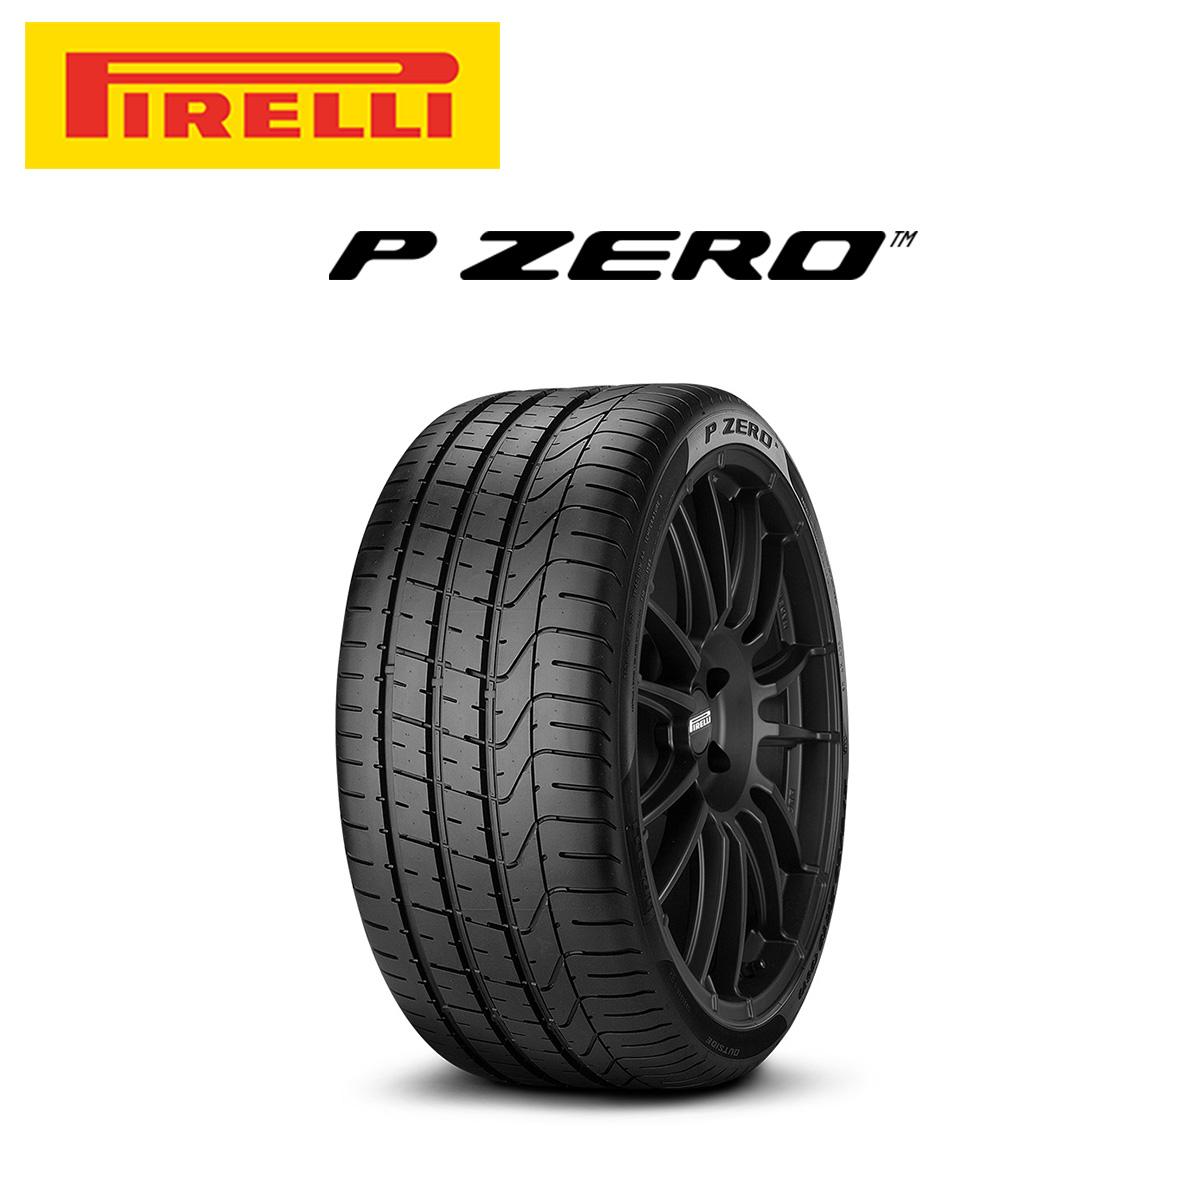 ピレリ PIRELLI P ZERO ピーゼロ 21インチ サマー タイヤ 4本 セット 275/45R21 107Y MO:メルセデスベンツ承認タイヤ 2415600